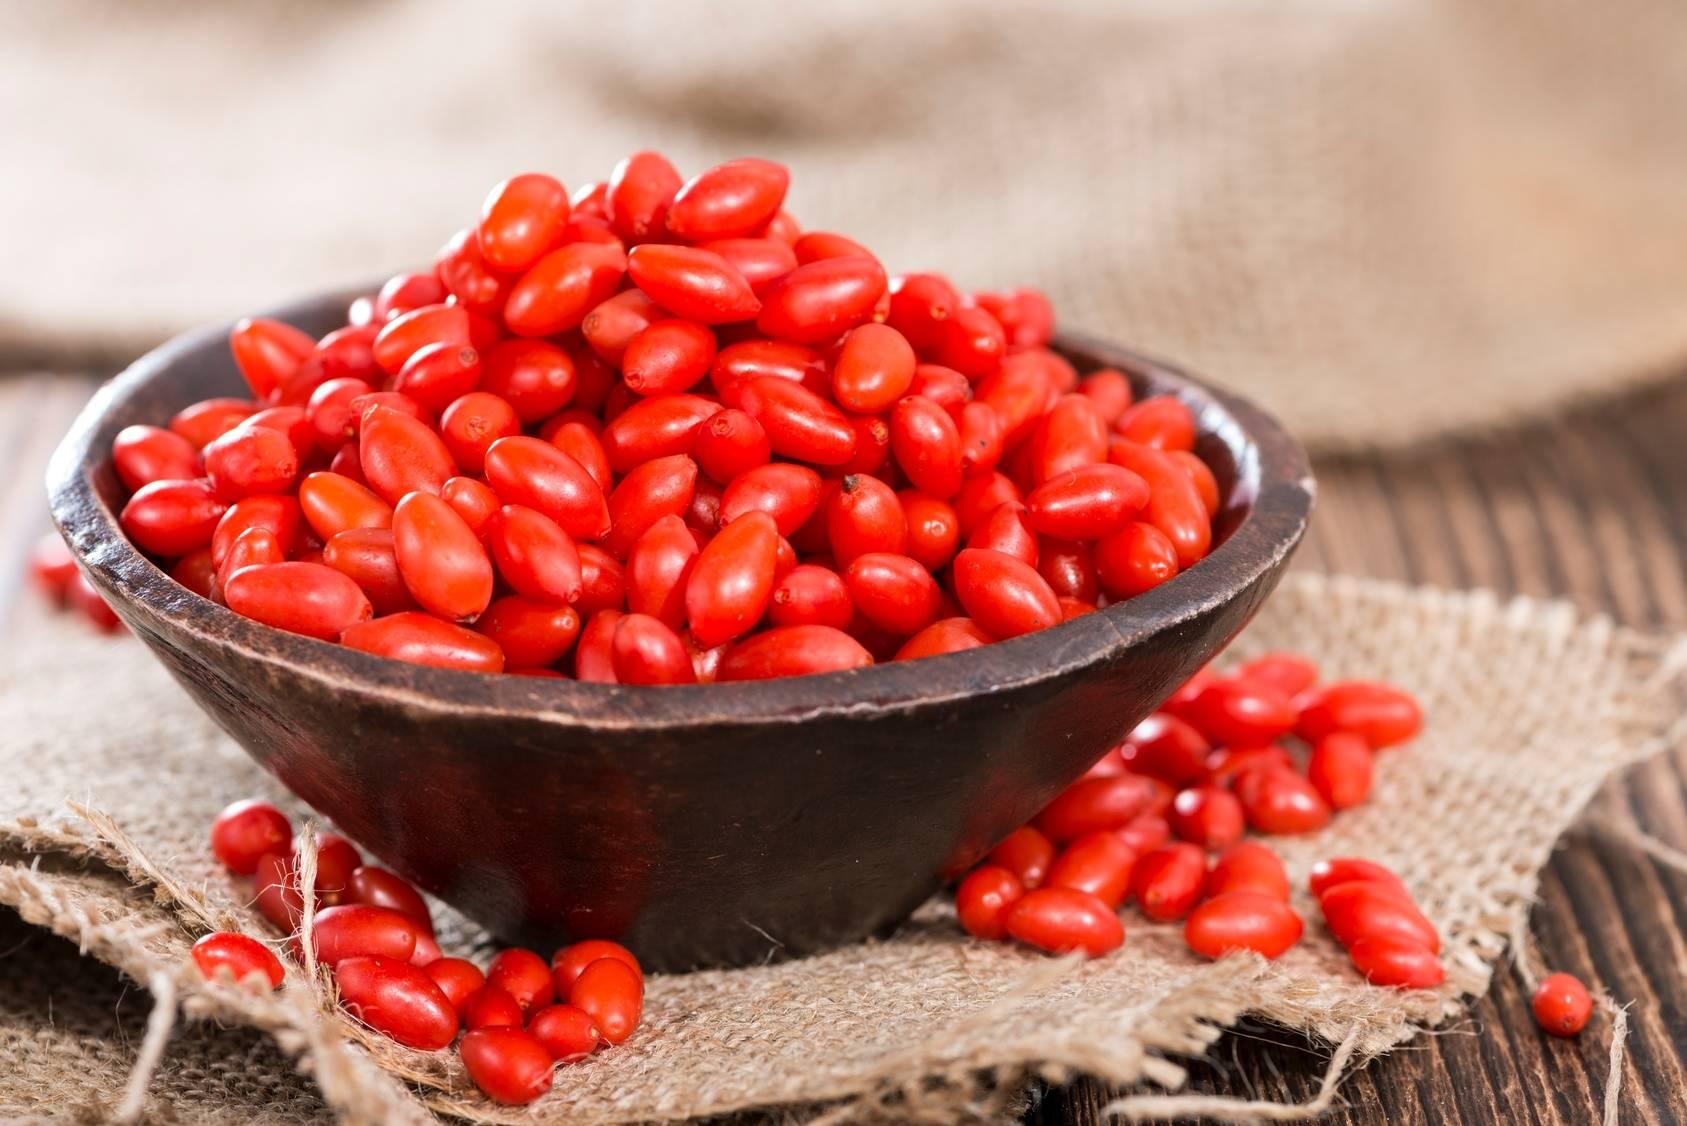 Świeże jagody goji zawierają dużo witaminy C.